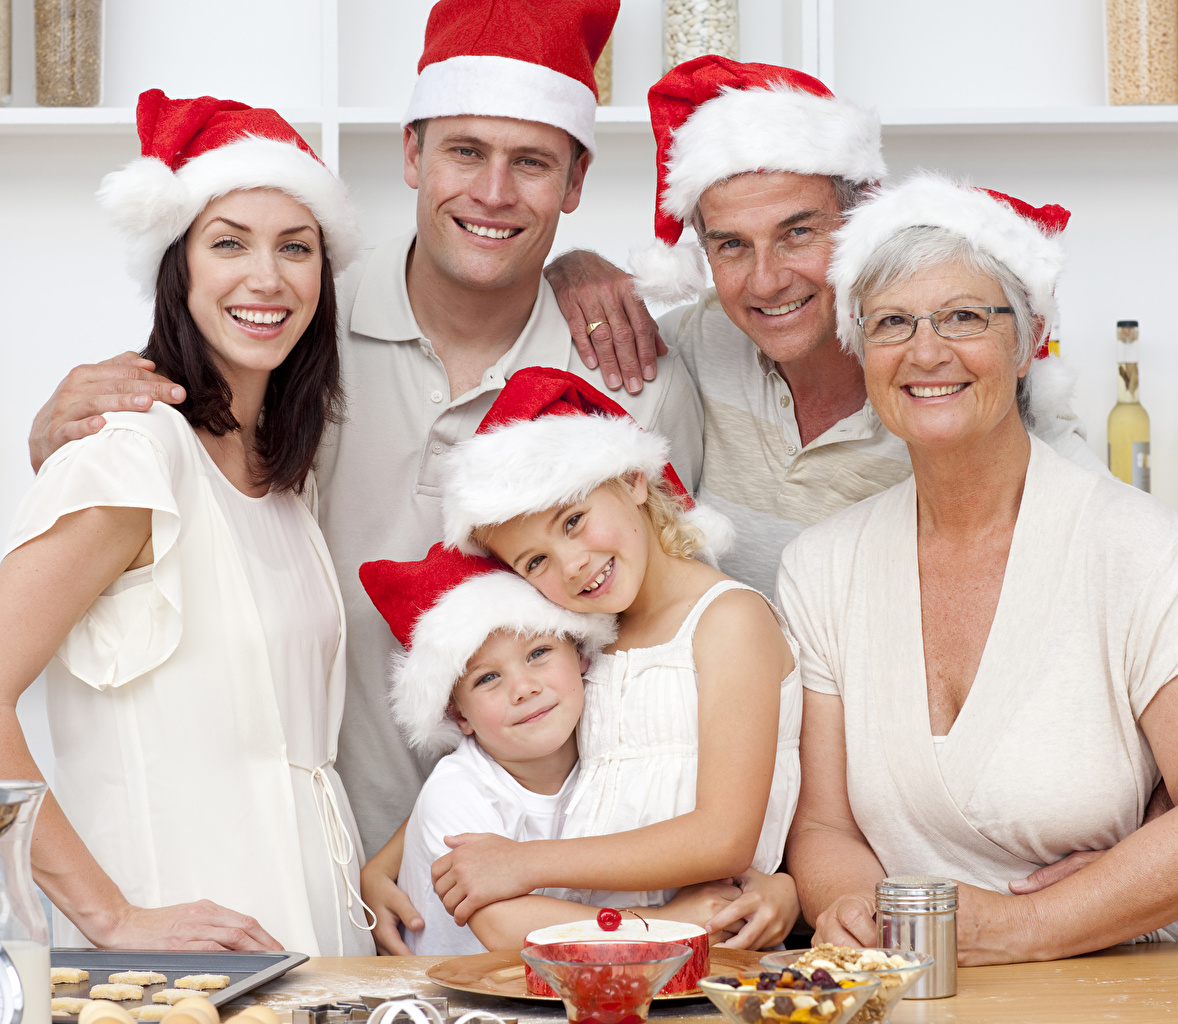 Фотографии Девушки девочка мальчишка Рождество мужчина Улыбка Семья Дети Шапки Взгляд девушка молодые женщины молодая женщина Девочки мальчик Мальчики мальчишки Новый год Мужчины улыбается шапка в шапке ребёнок смотрят смотрит